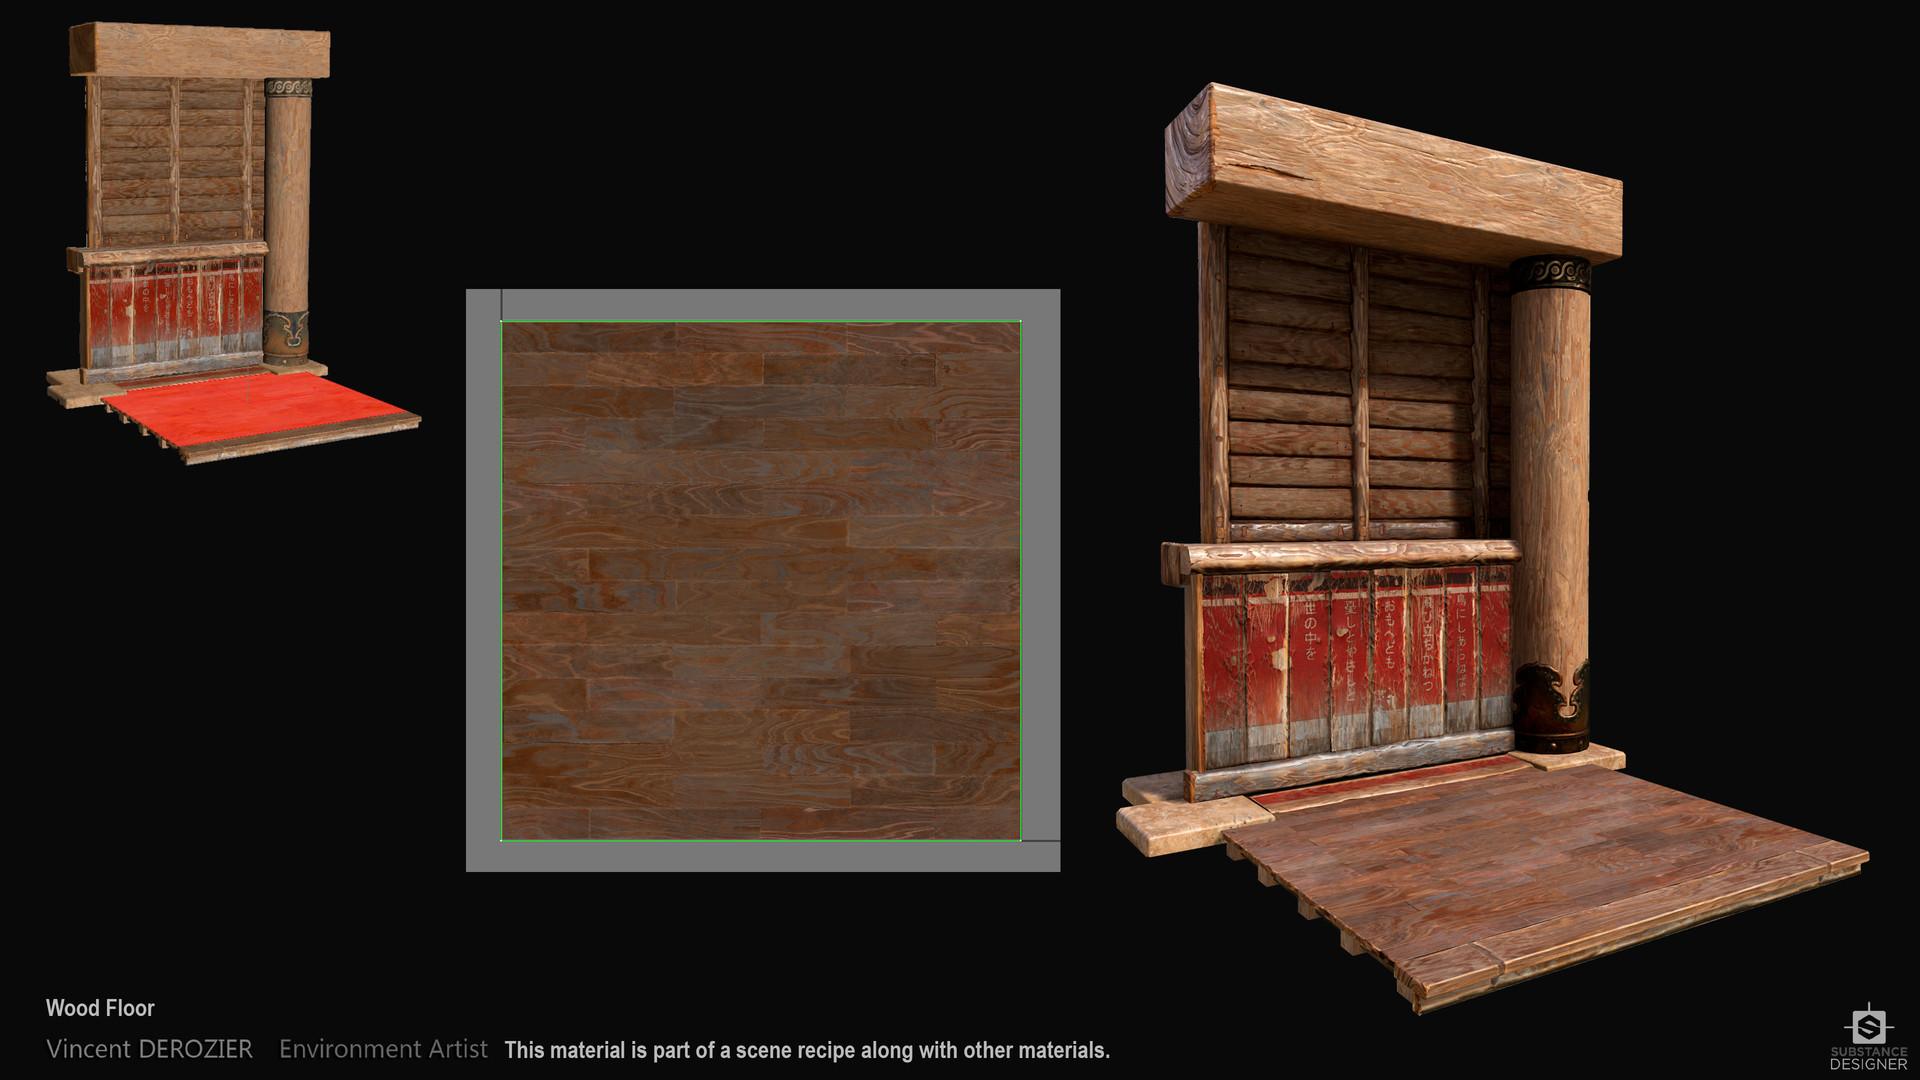 Vincent derozier wood floor render2